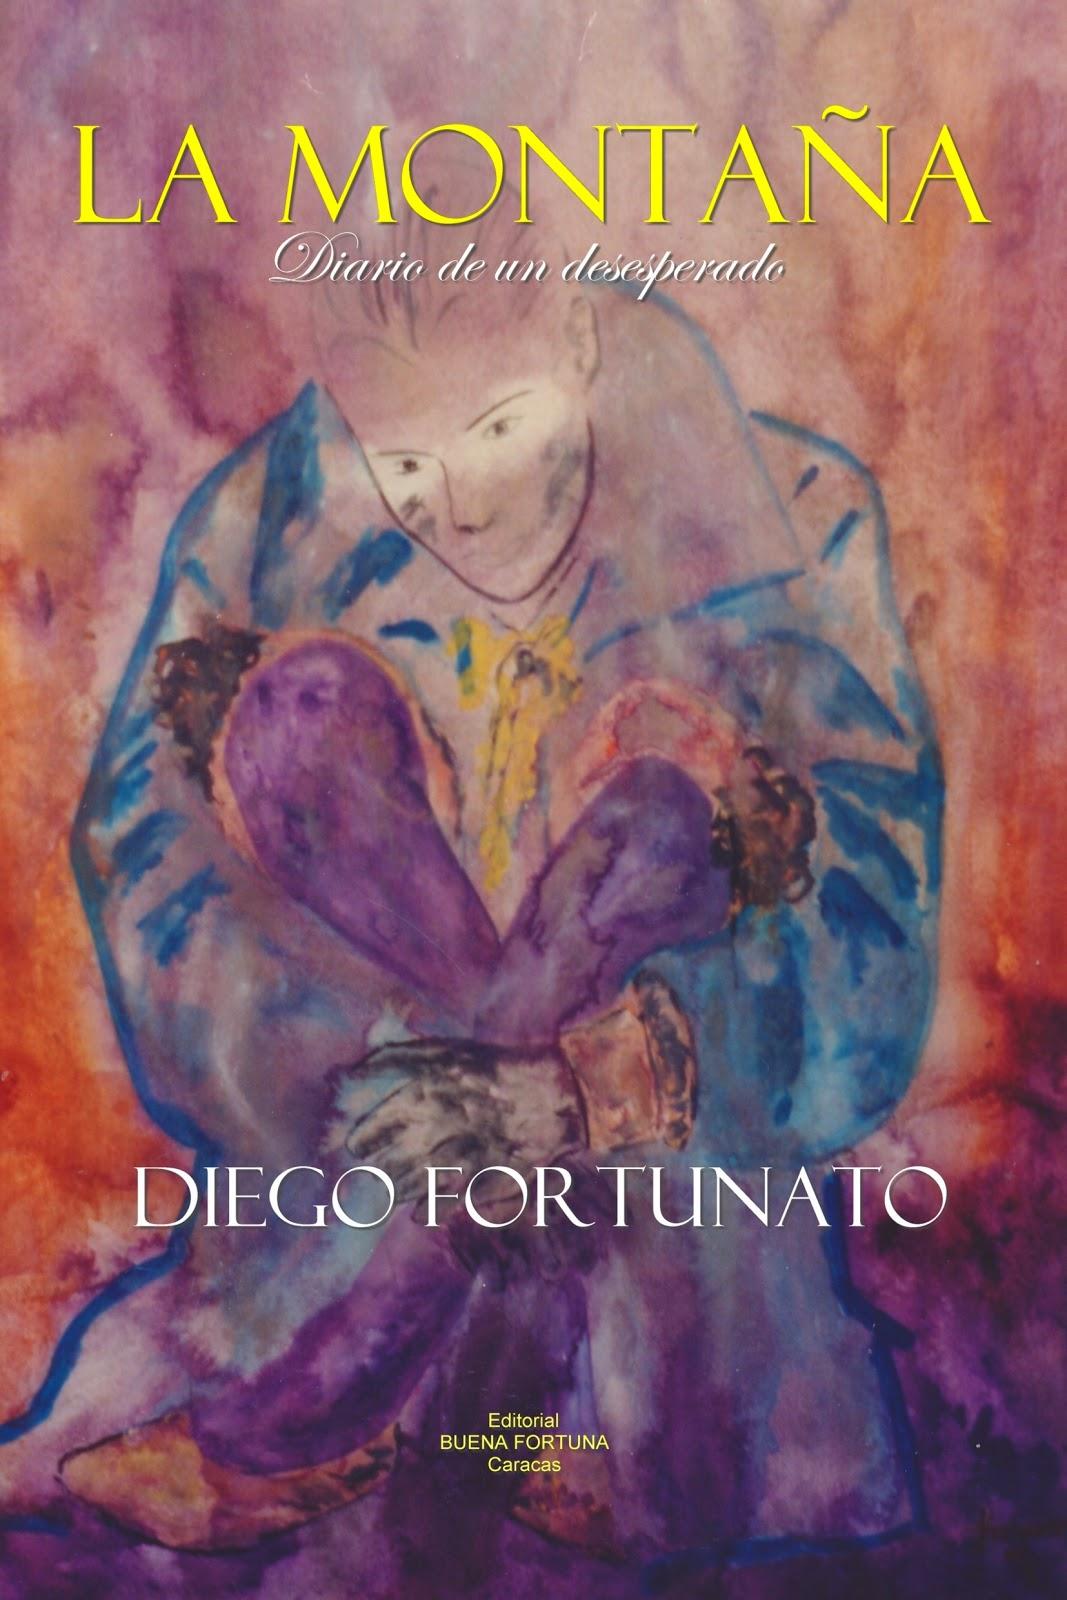 Diego Fortunato   LA MONTAÑA (Diario de un desesperado)© b9f49e315f7c